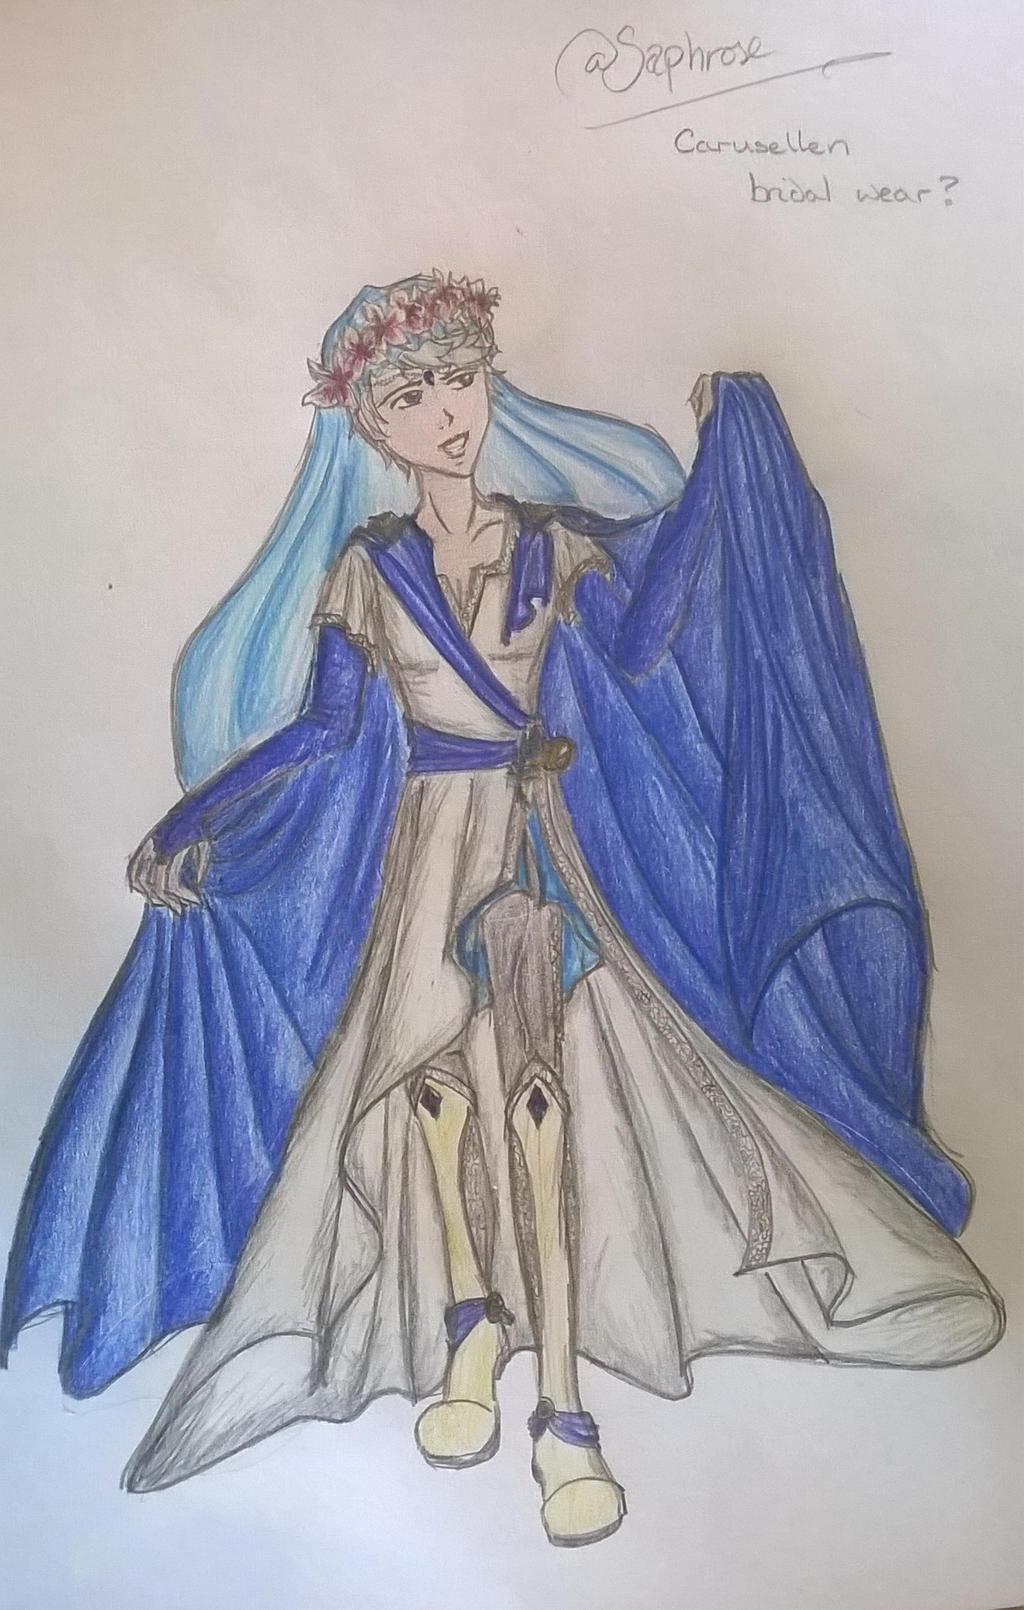 Bridal Wear? by Attitudet